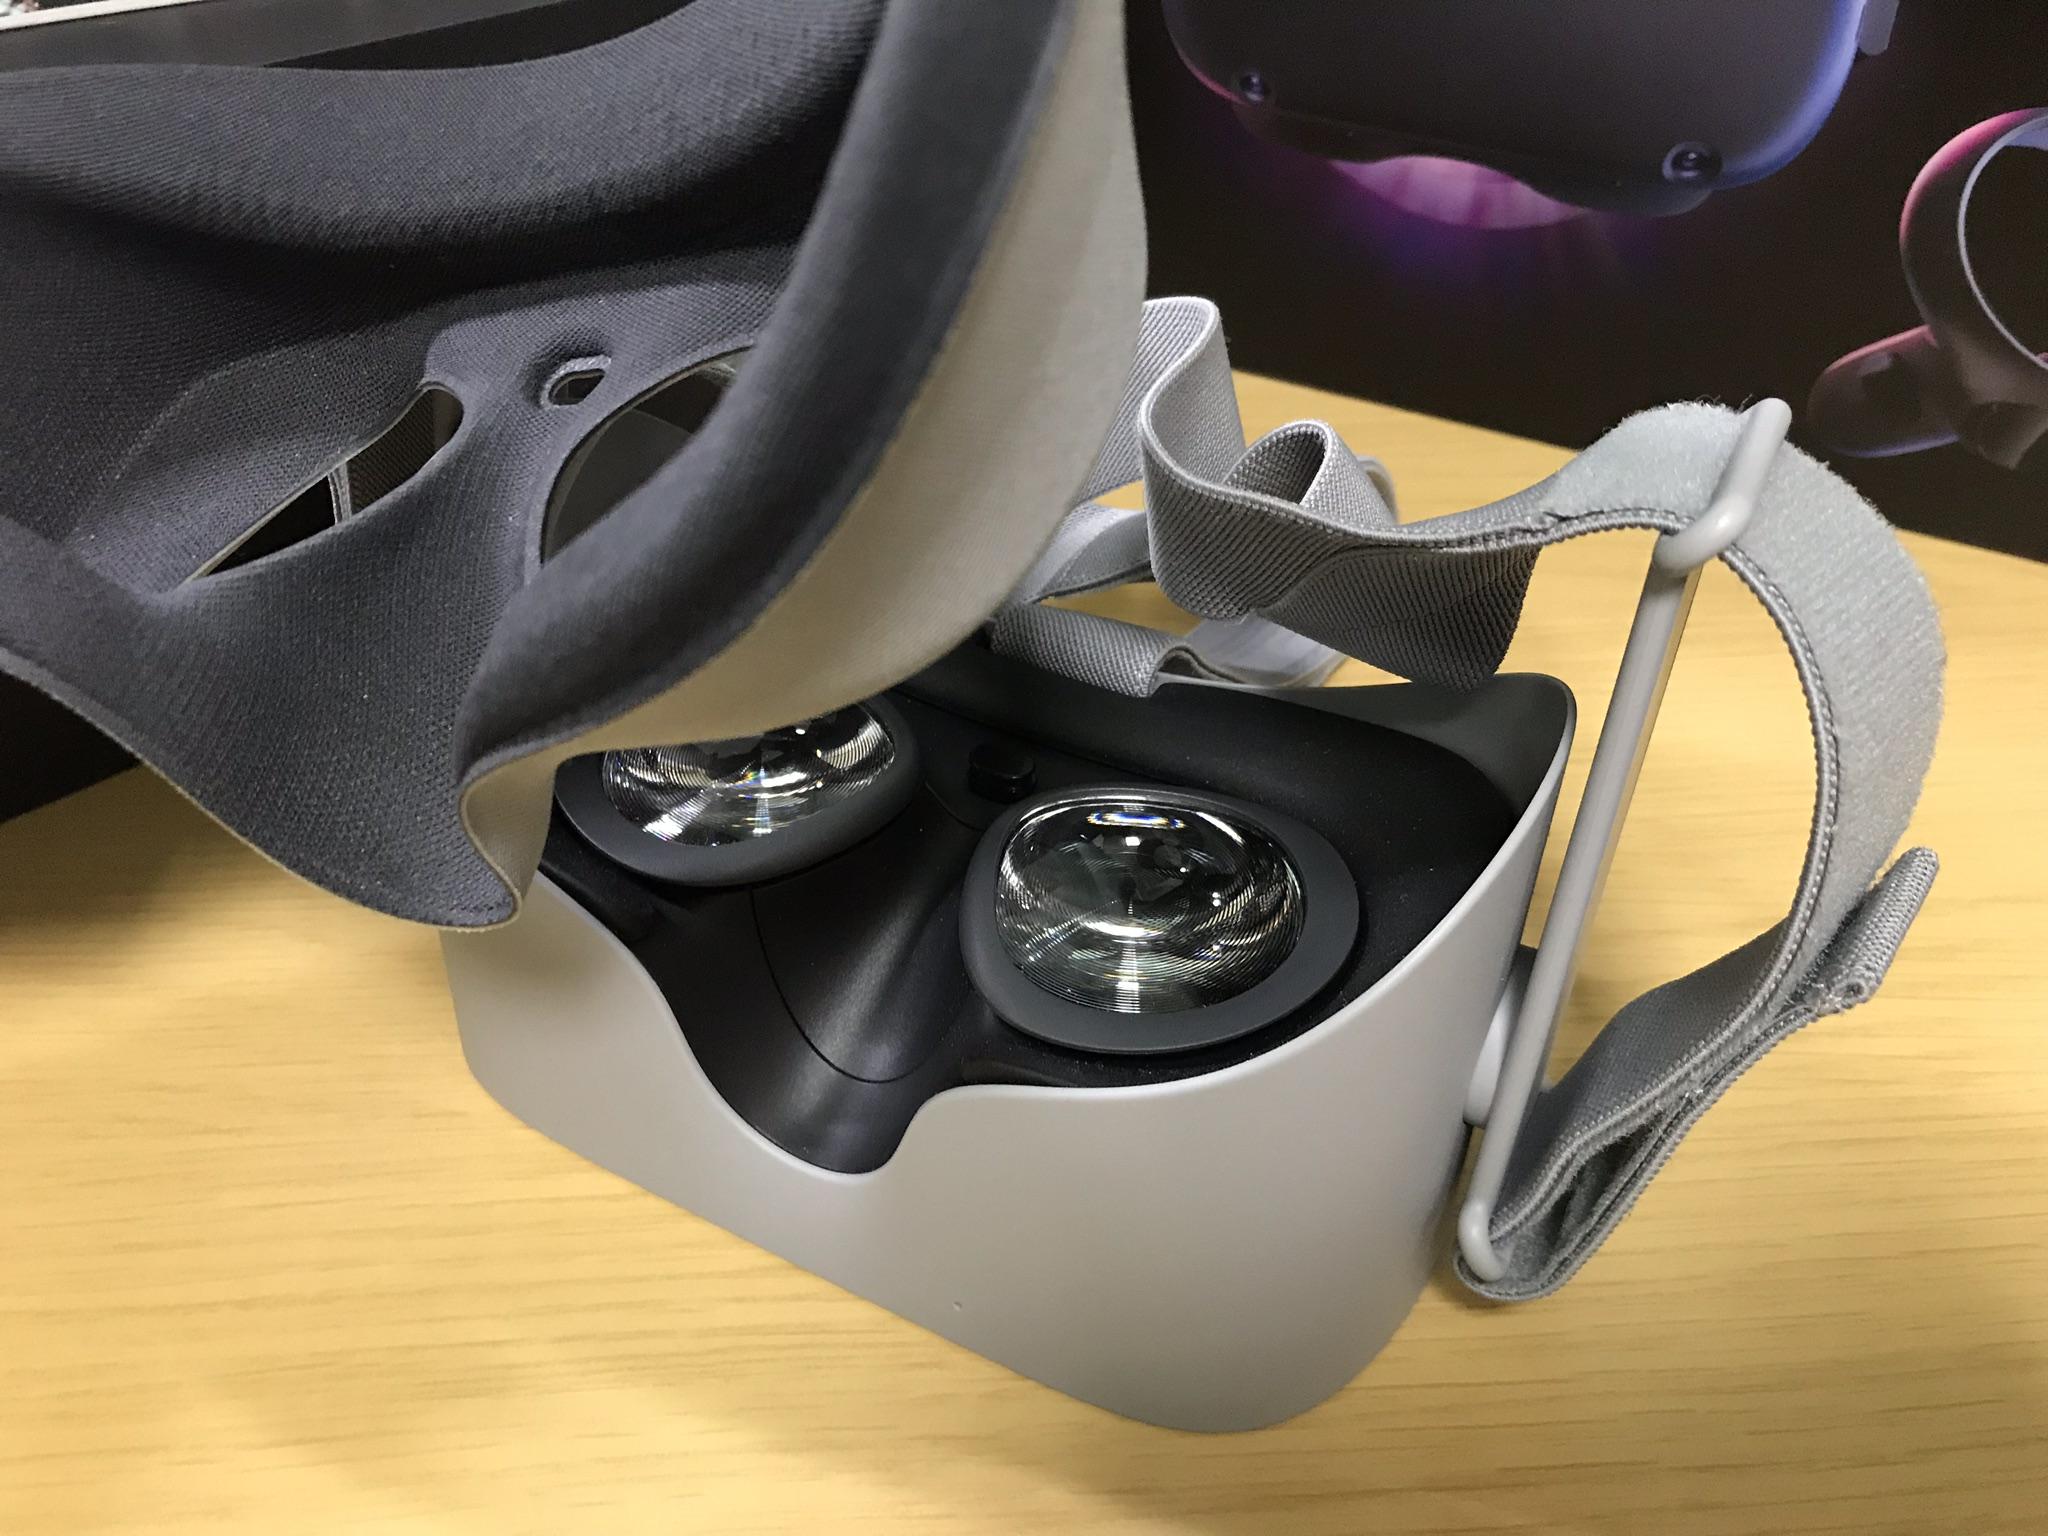 Oculus Goはピント調整不可? 至近距離がぼやけ見えづらい、近くに焦点が合わない!?